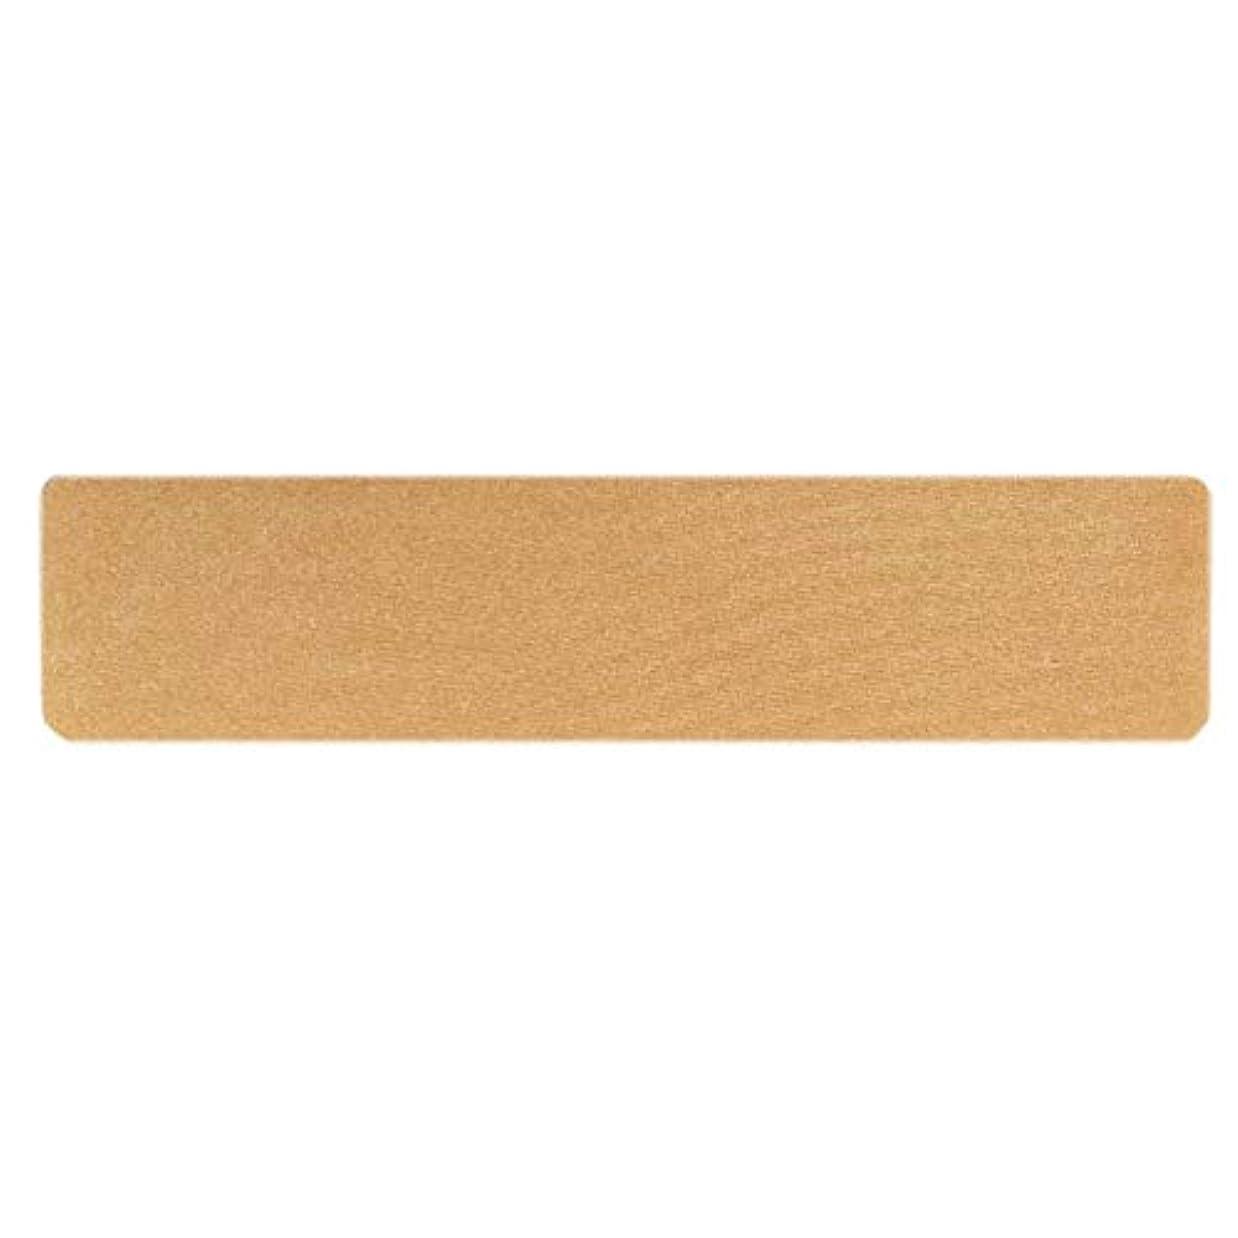 適用する借りる恐ろしい弾力性シリコーン瘢痕ゲルアウェイストリップ貼り付け医療外傷熱傷皮膚修復瘢痕治療パッチRemovel瘢痕 - 皮膚